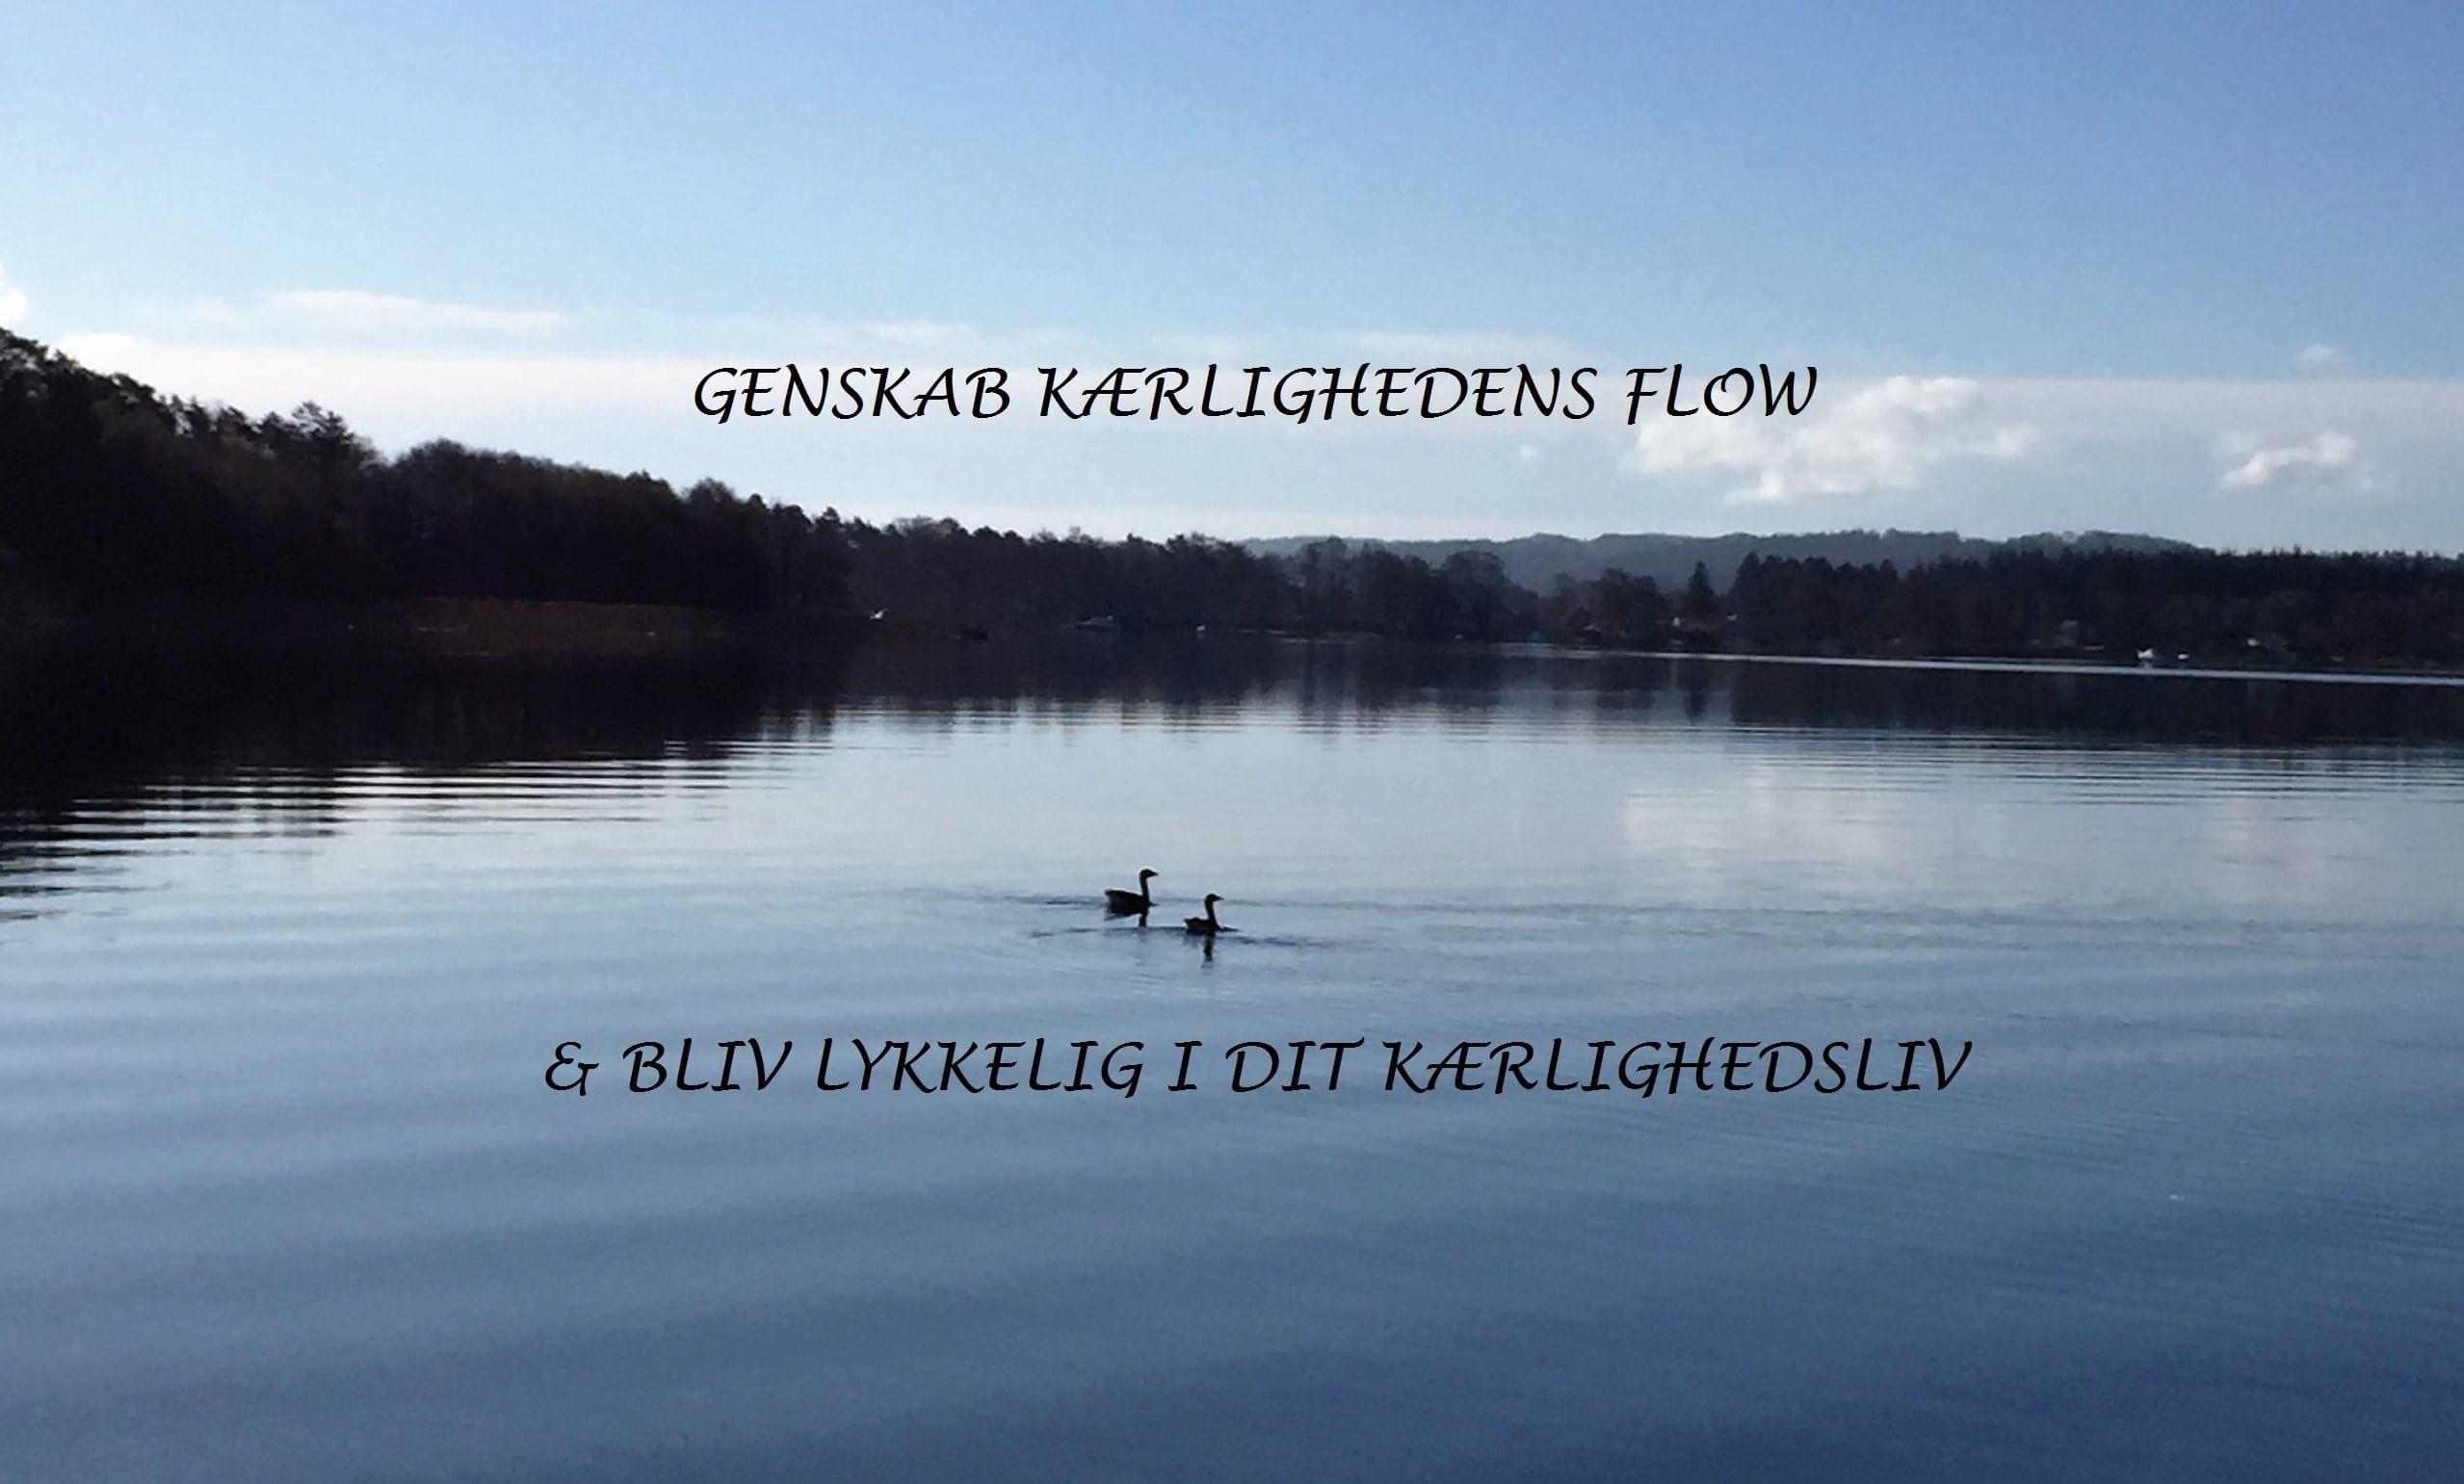 GENSKAB KÆRLIGHEDENS FLOW